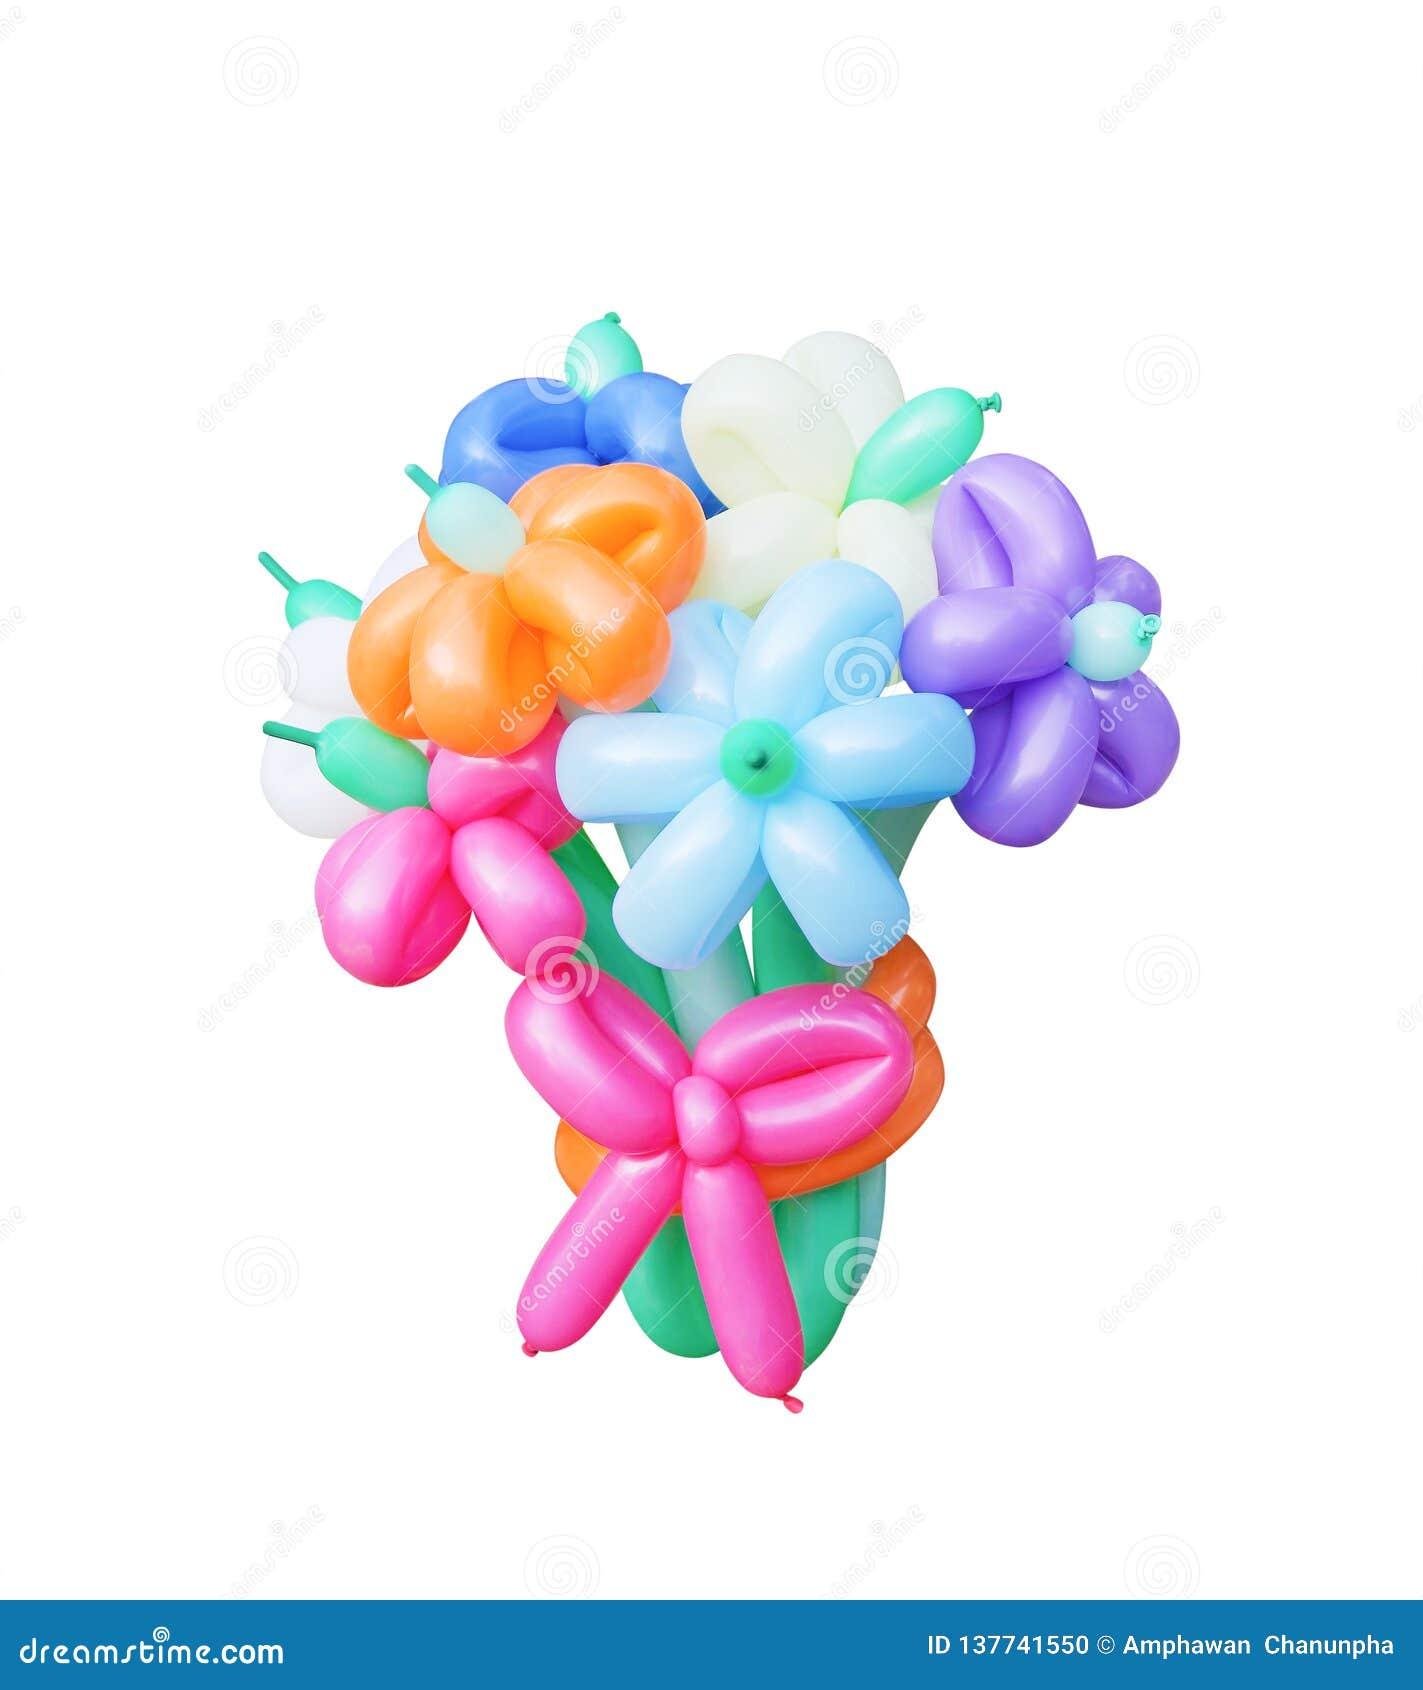 Η ζωηρόχρωμη δέσμη των πολύχρωμων μπαλονιών στην ανθοδέσμη ανθίζει τα σχέδια που απομονώνονται στο άσπρο υπόβαθρο με το ψαλίδισμα